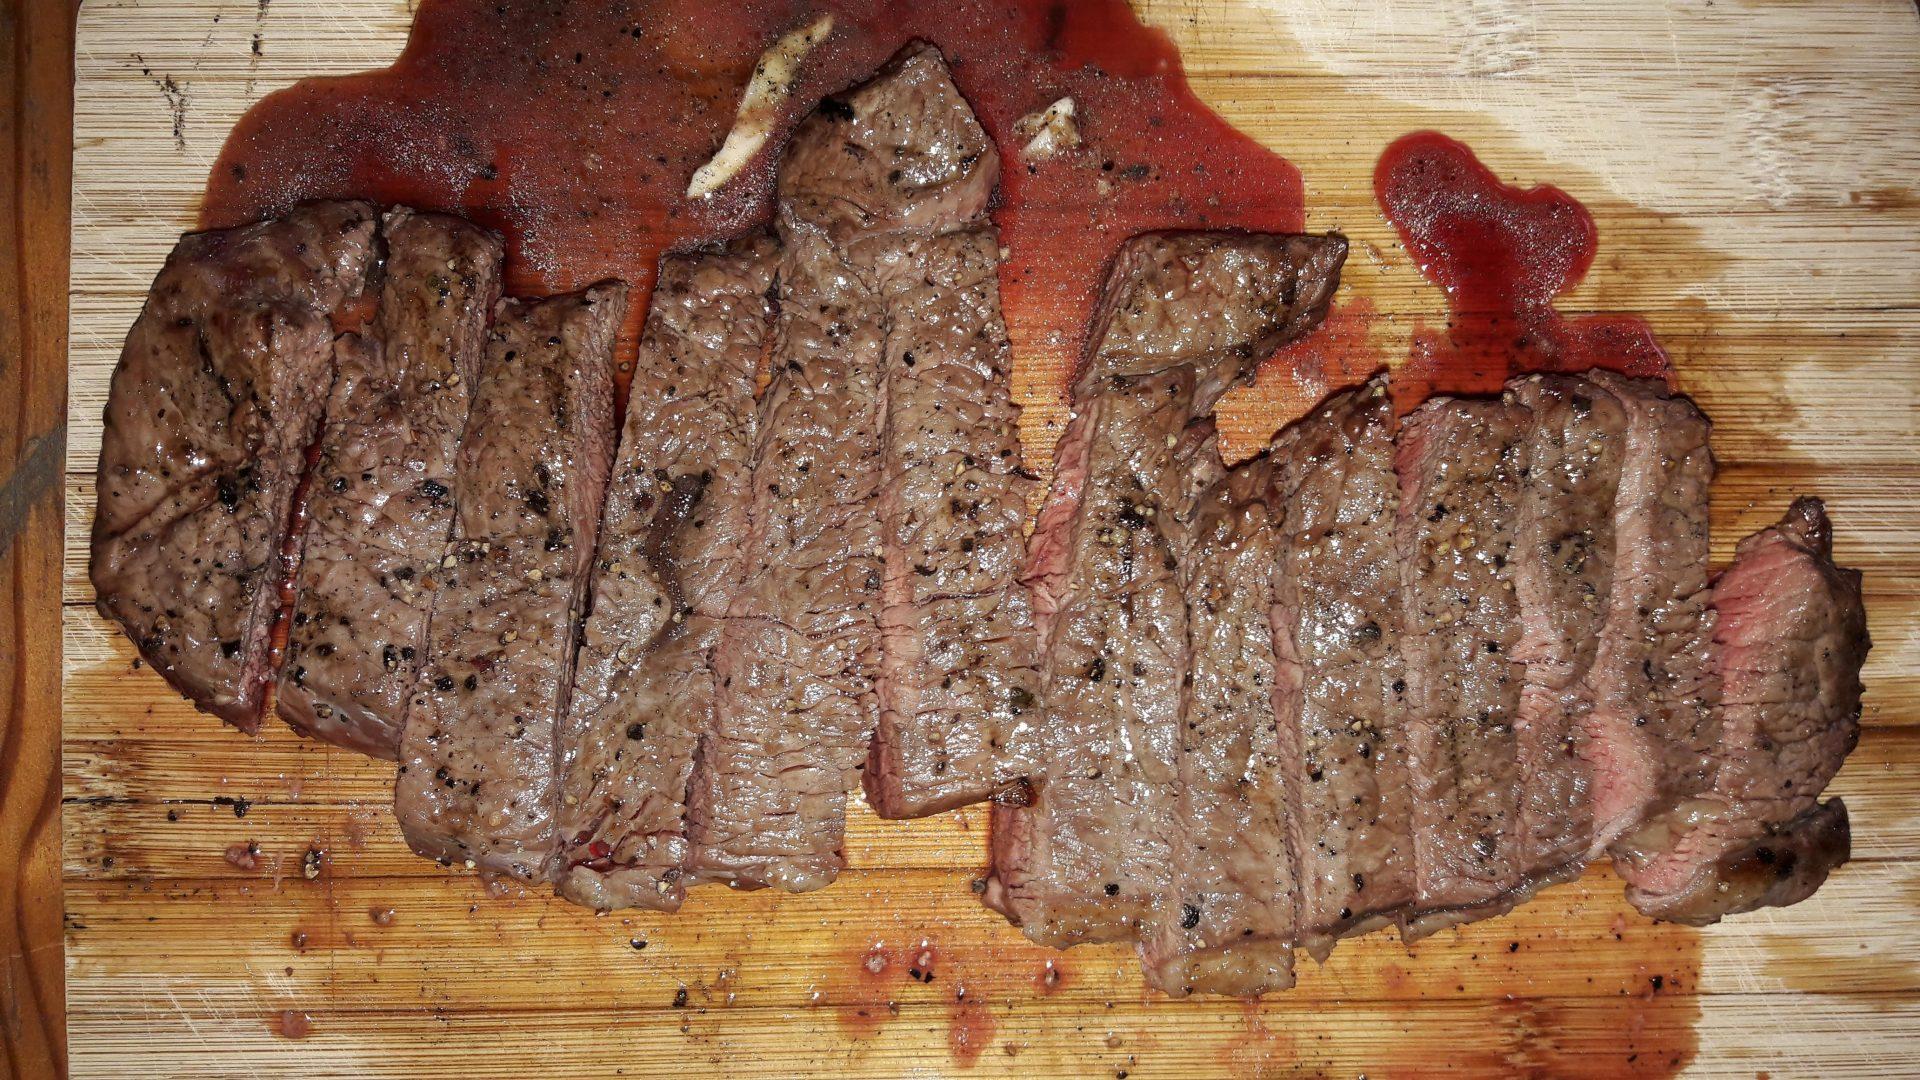 Hovězí maso z biochovu je křehčí, chutnější, šťavnatější a mnohem vláčnější. Foto: We Love Cycling